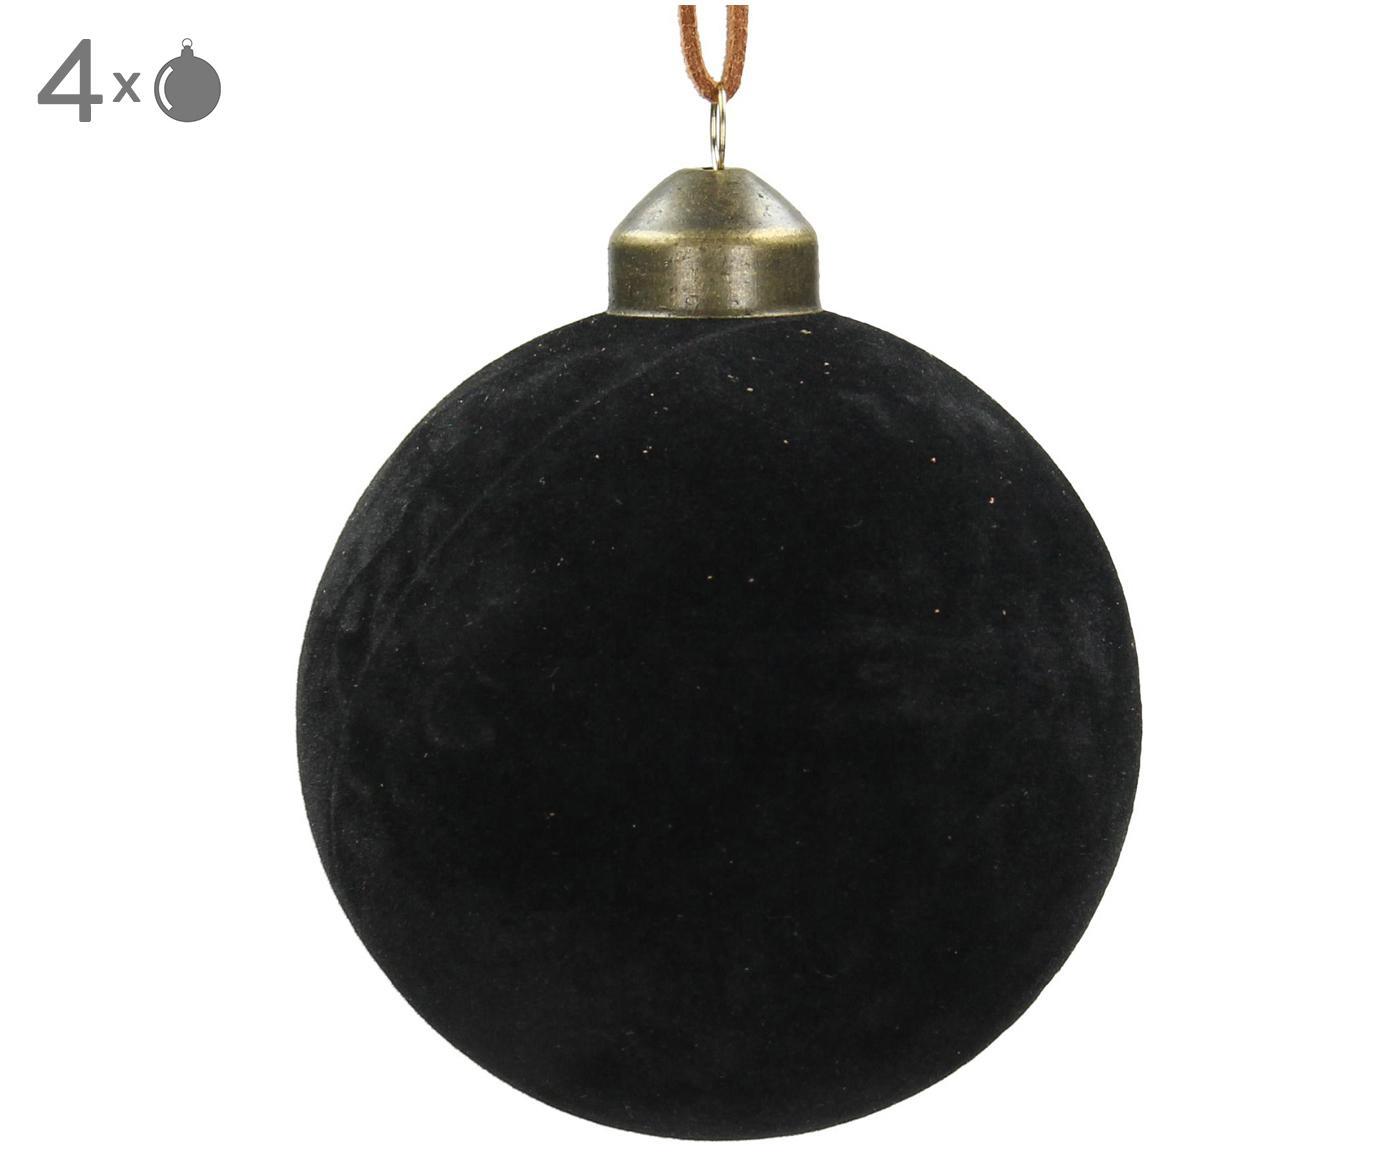 Bombka Velvet, 4 szt., Szkło, aksamit poliestrowy, Czarny, Ø 8 cm